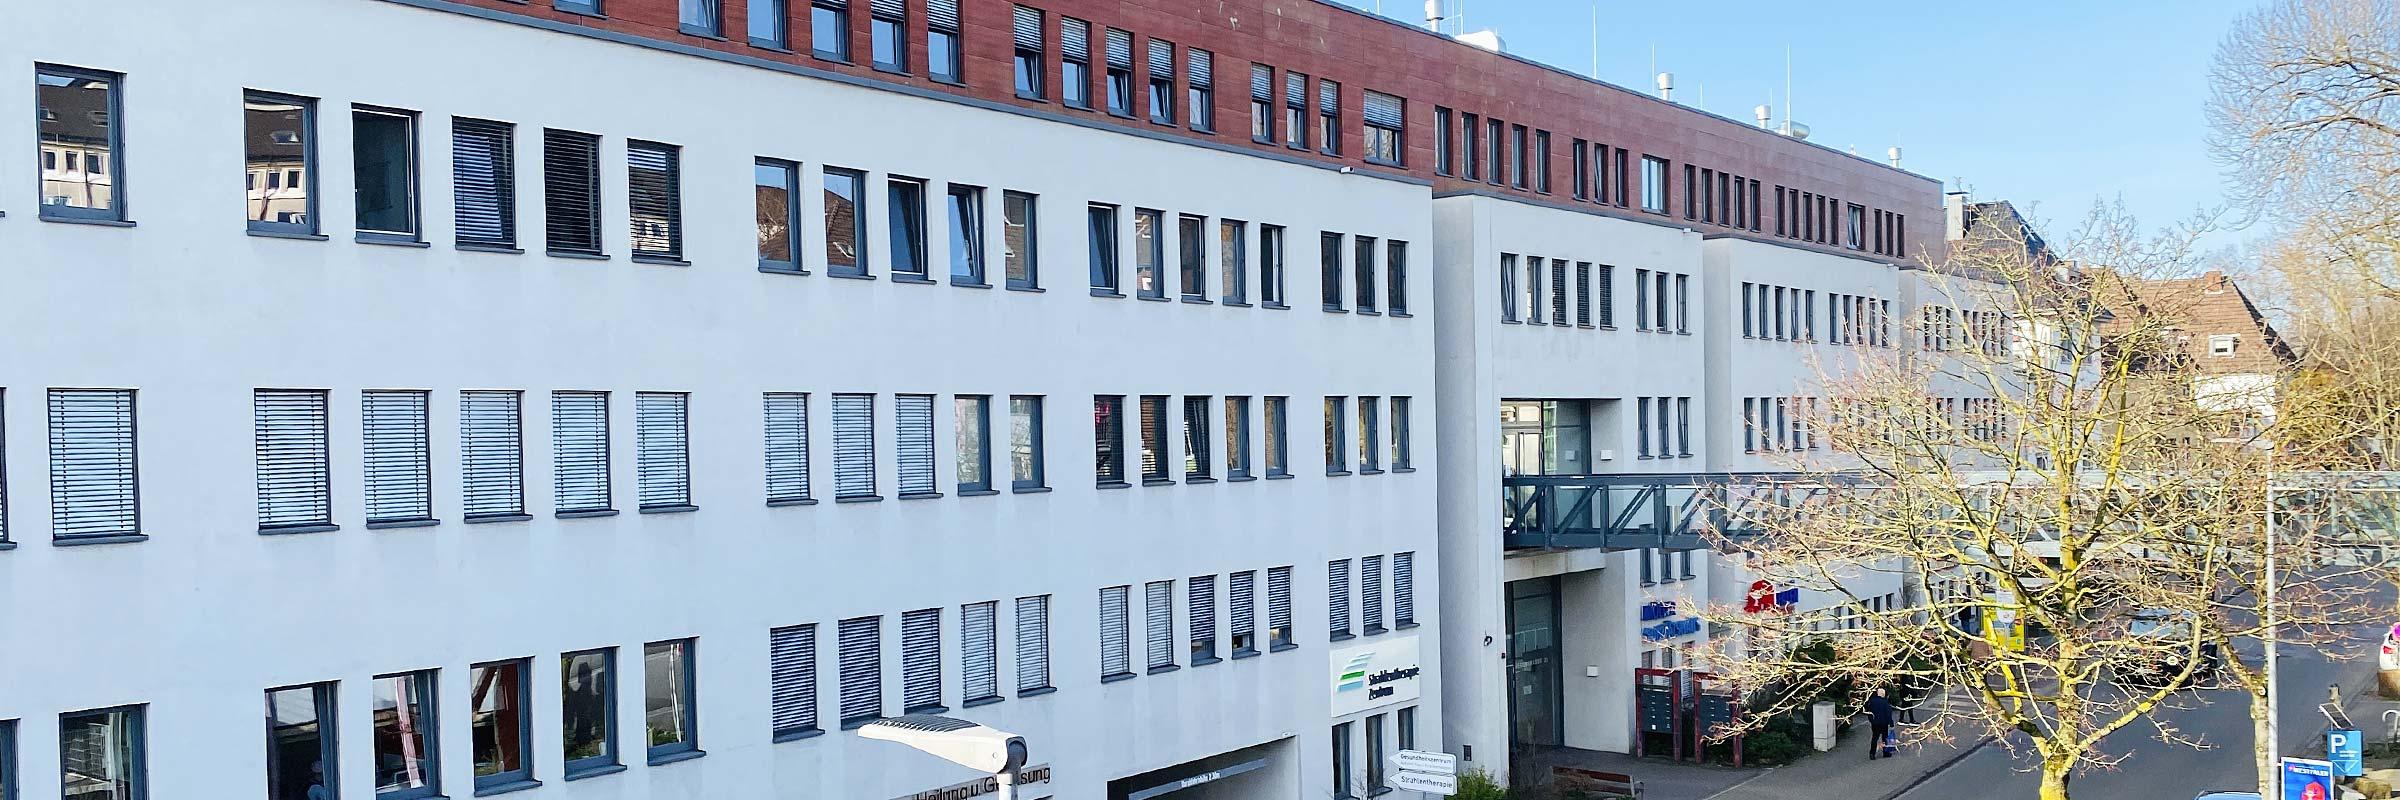 Privatpraxis für Orthopädie, Unfallchirurgie und Sportmedizin – Notfallpraxis Standort Bochum Aussenansicht